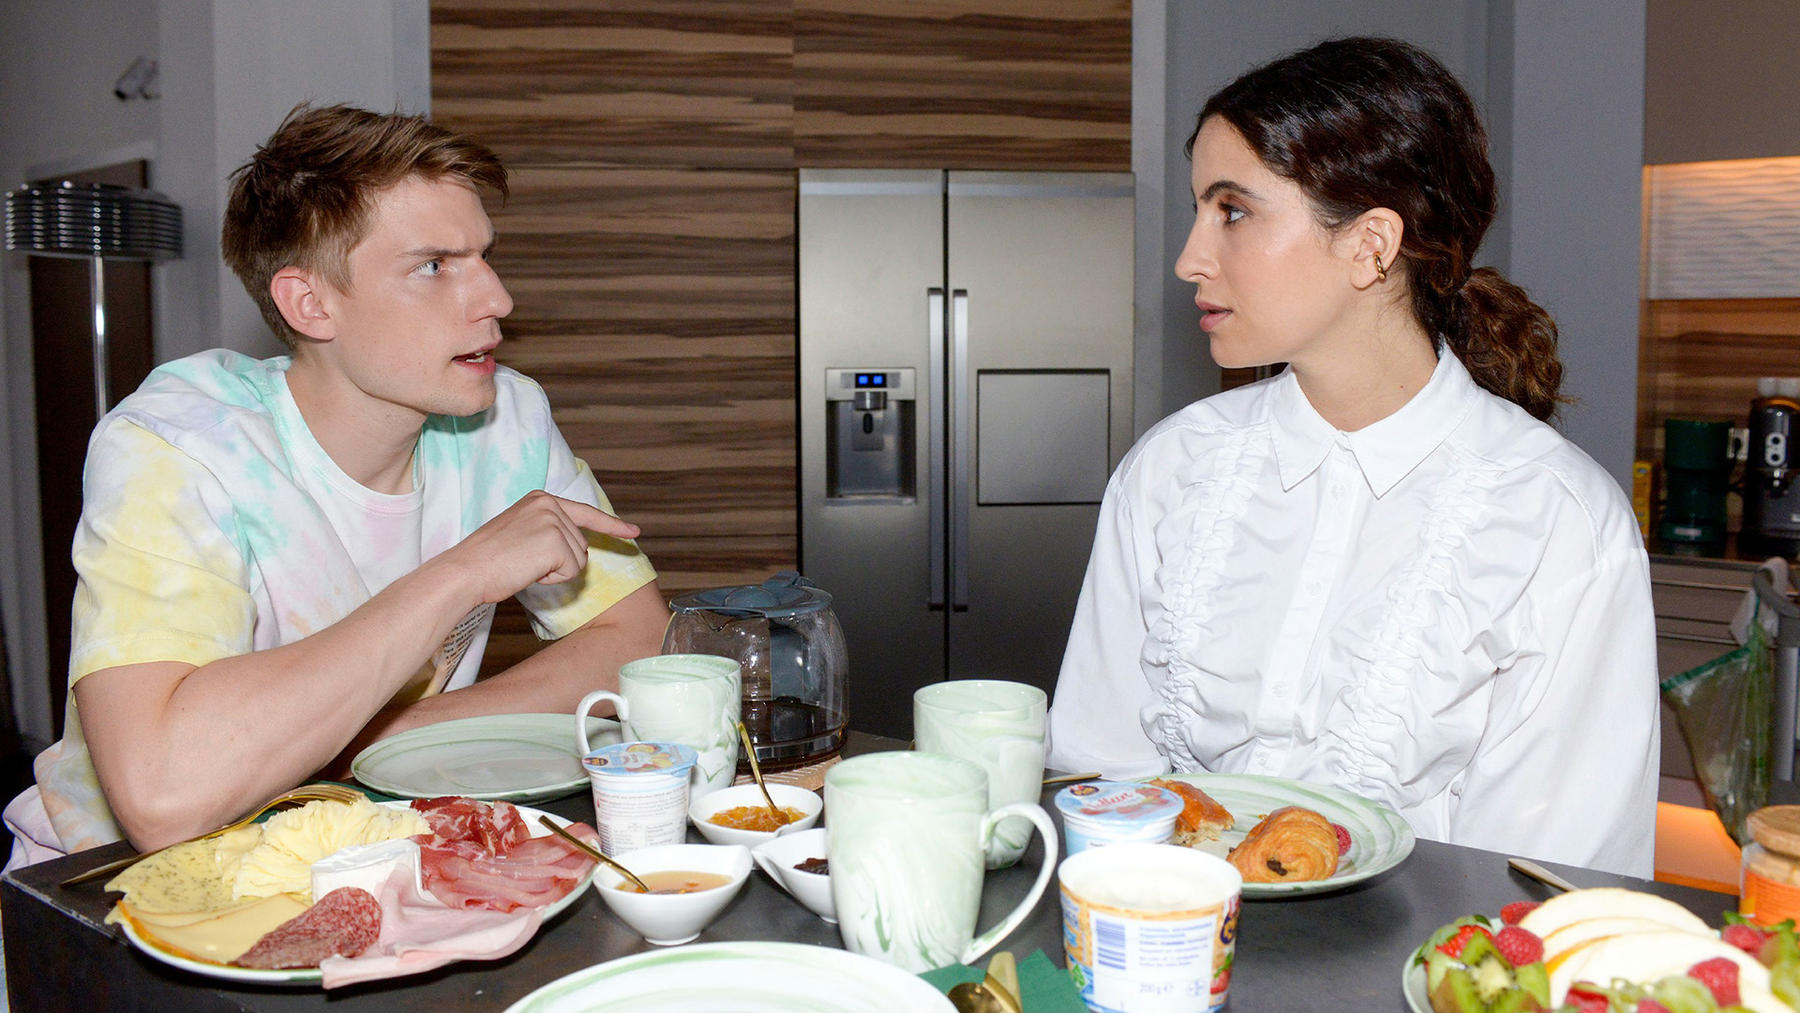 Laura wird misstrauisch, doch Moritz schweigt